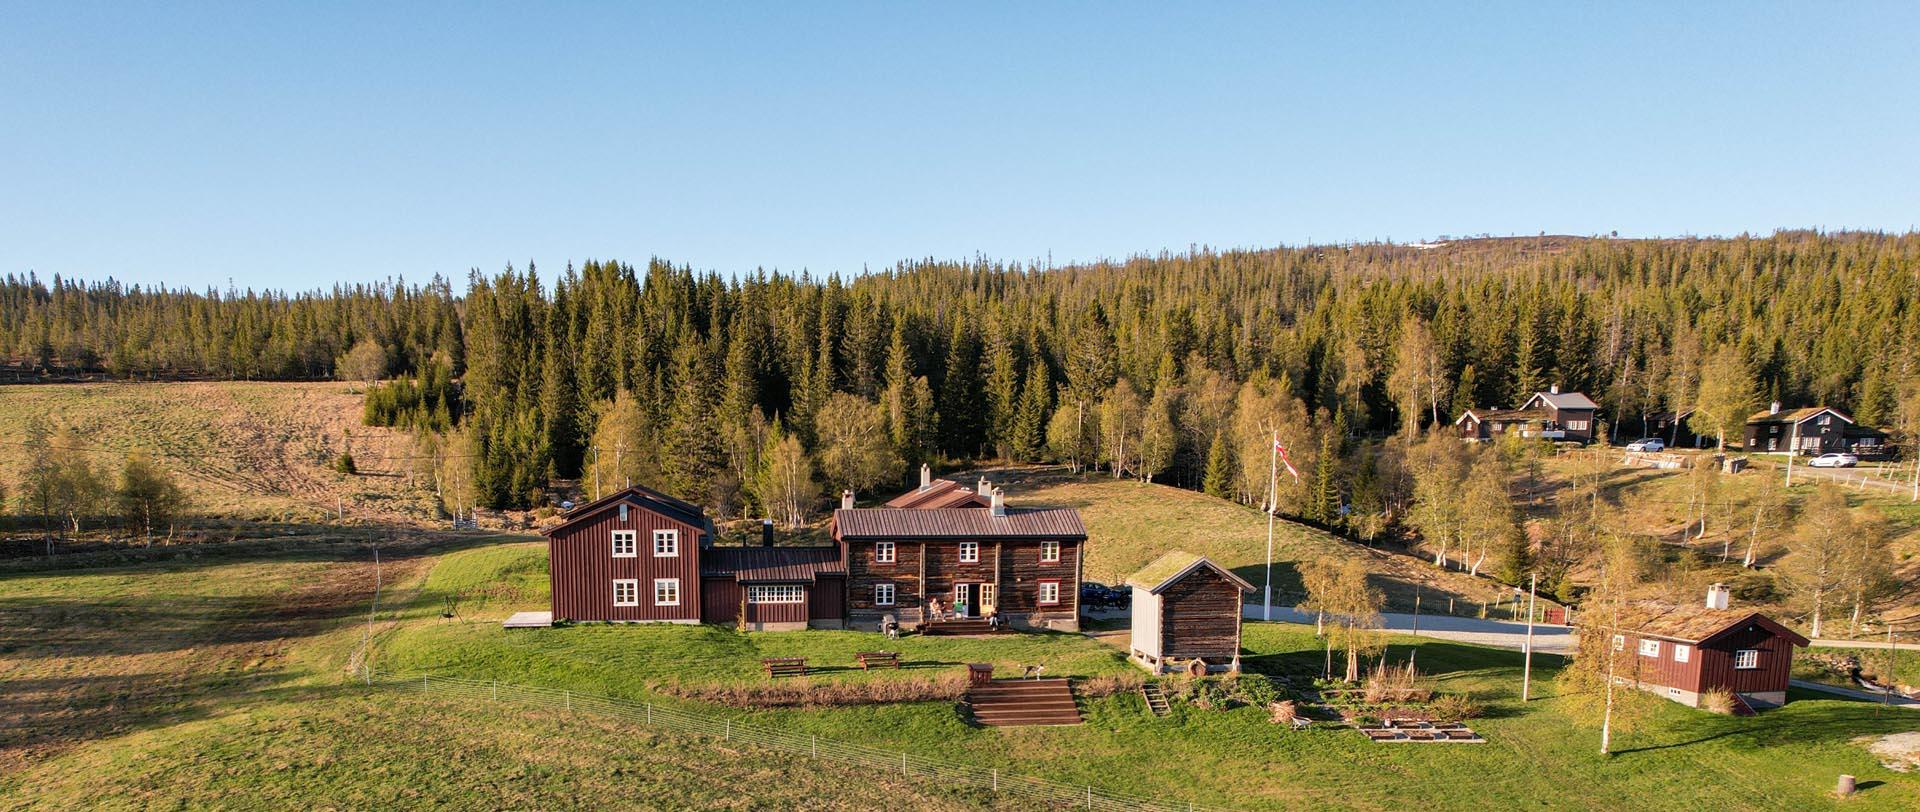 Bilde av Nordpå Fjellhotell tatt fra luften.